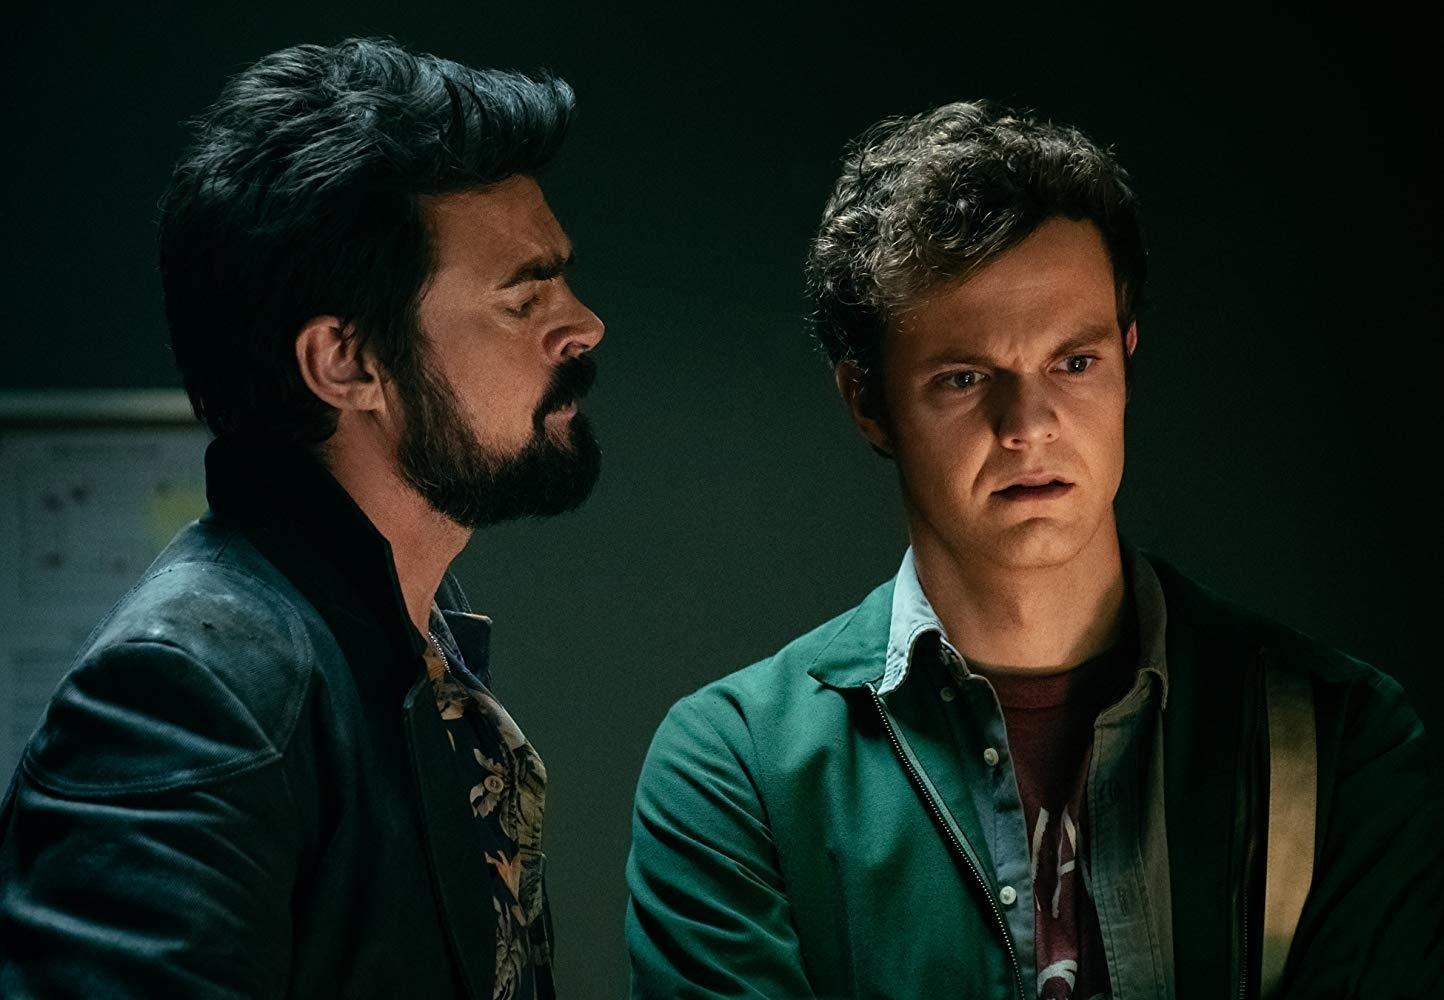 Teaser da 2ª temporada de 'The Boys' mostra personagens foragidos -  08/07/2020 - UOL Entretenimento